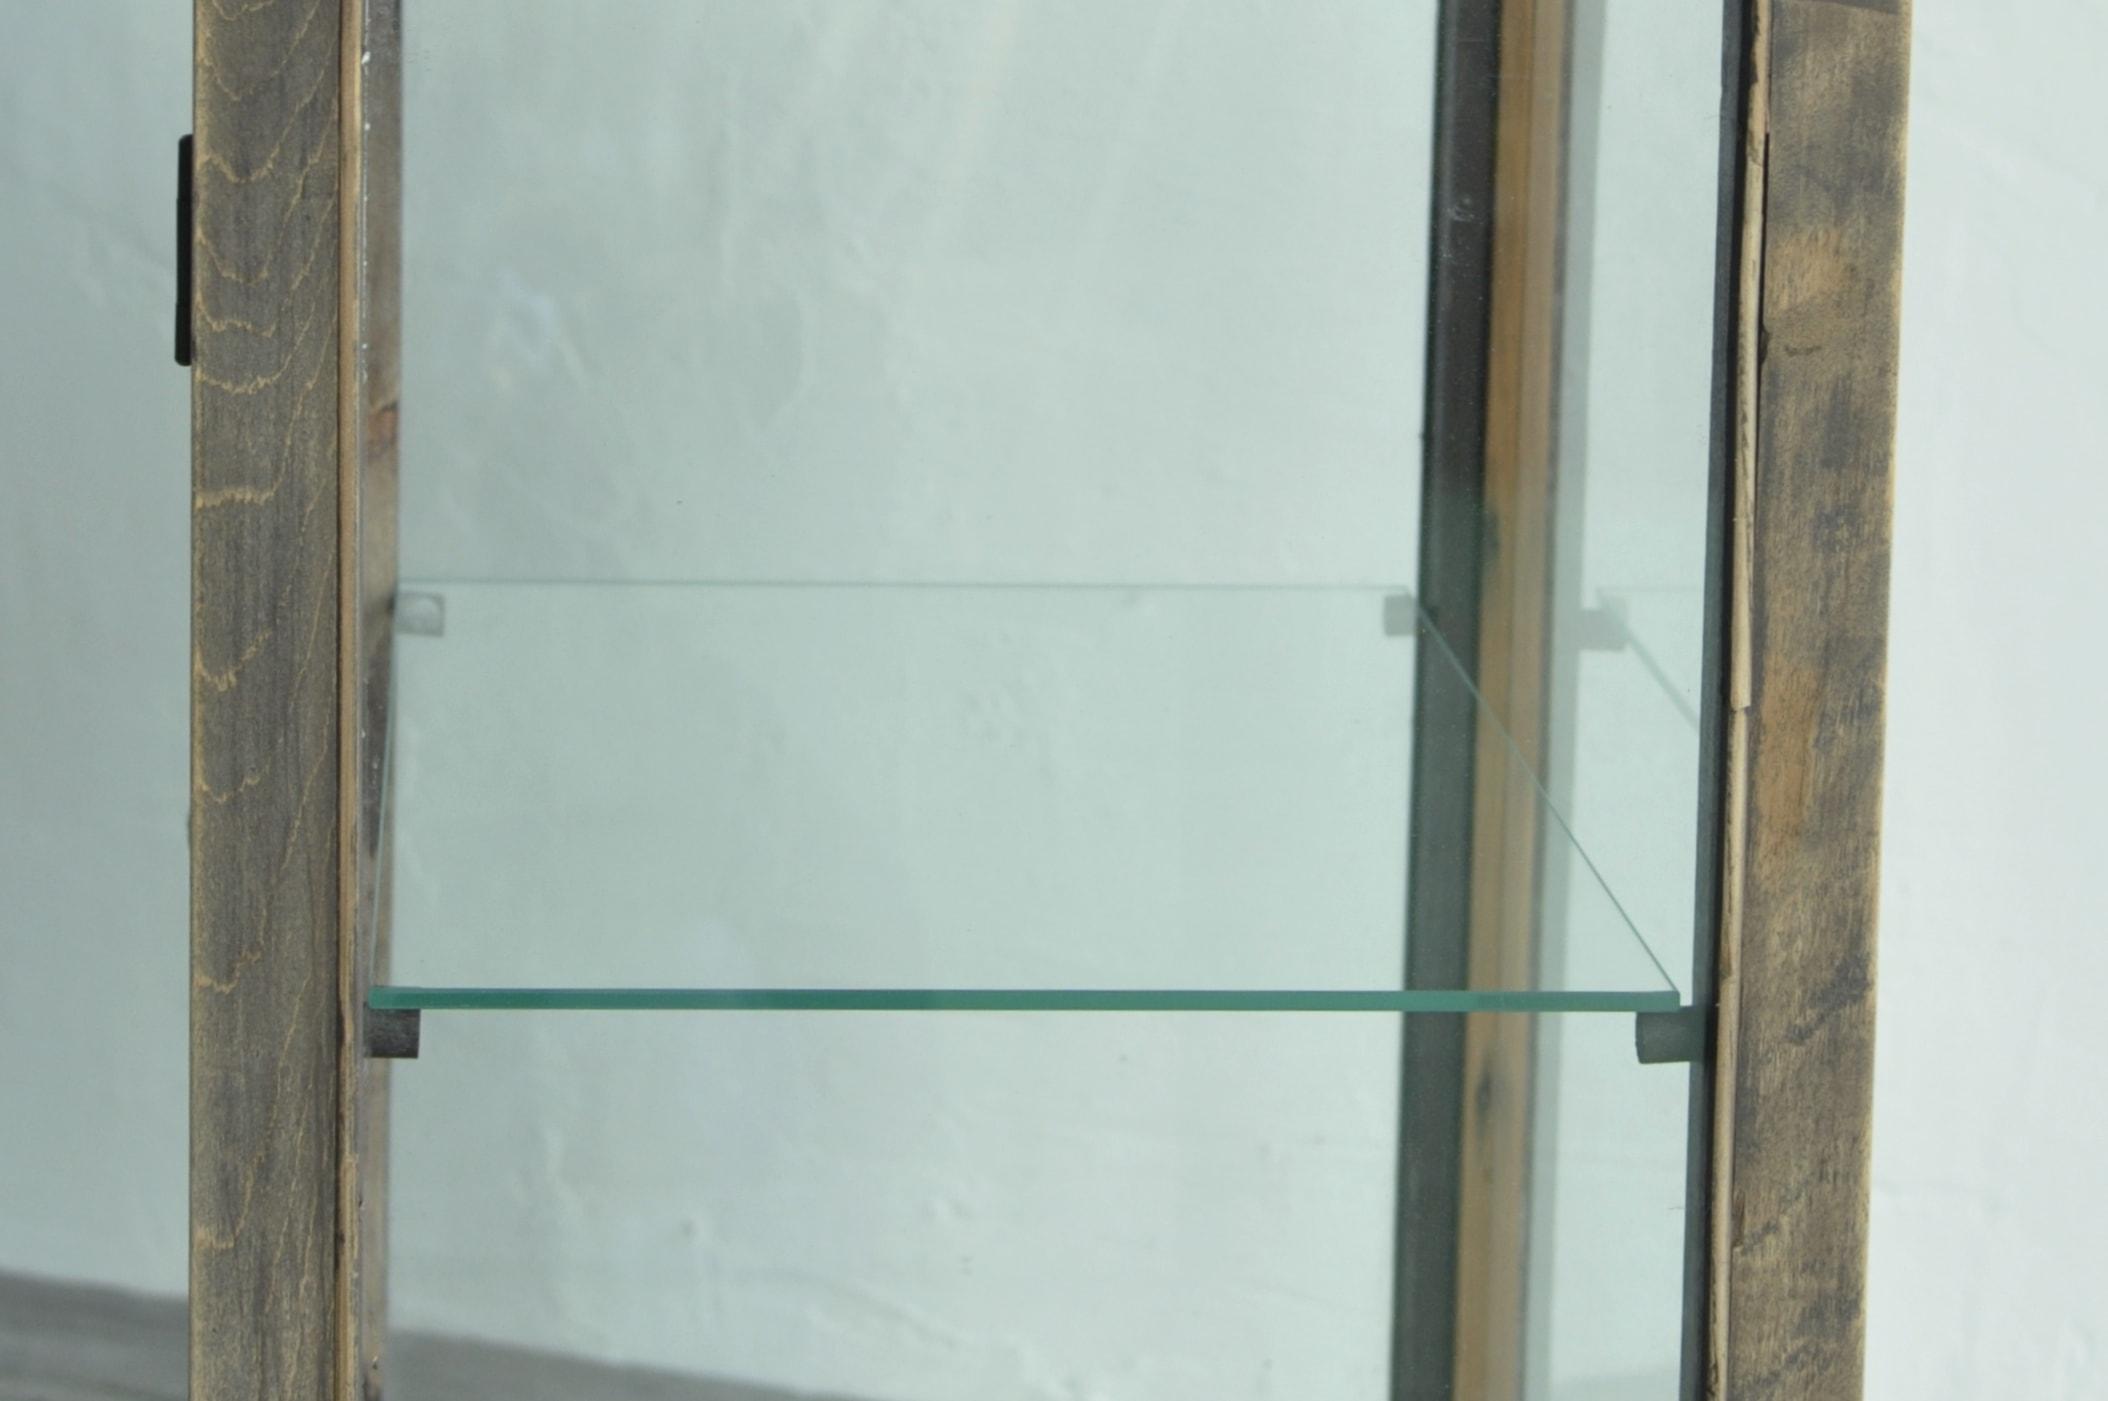 ガラス棚のアンティークなガラスショーケース